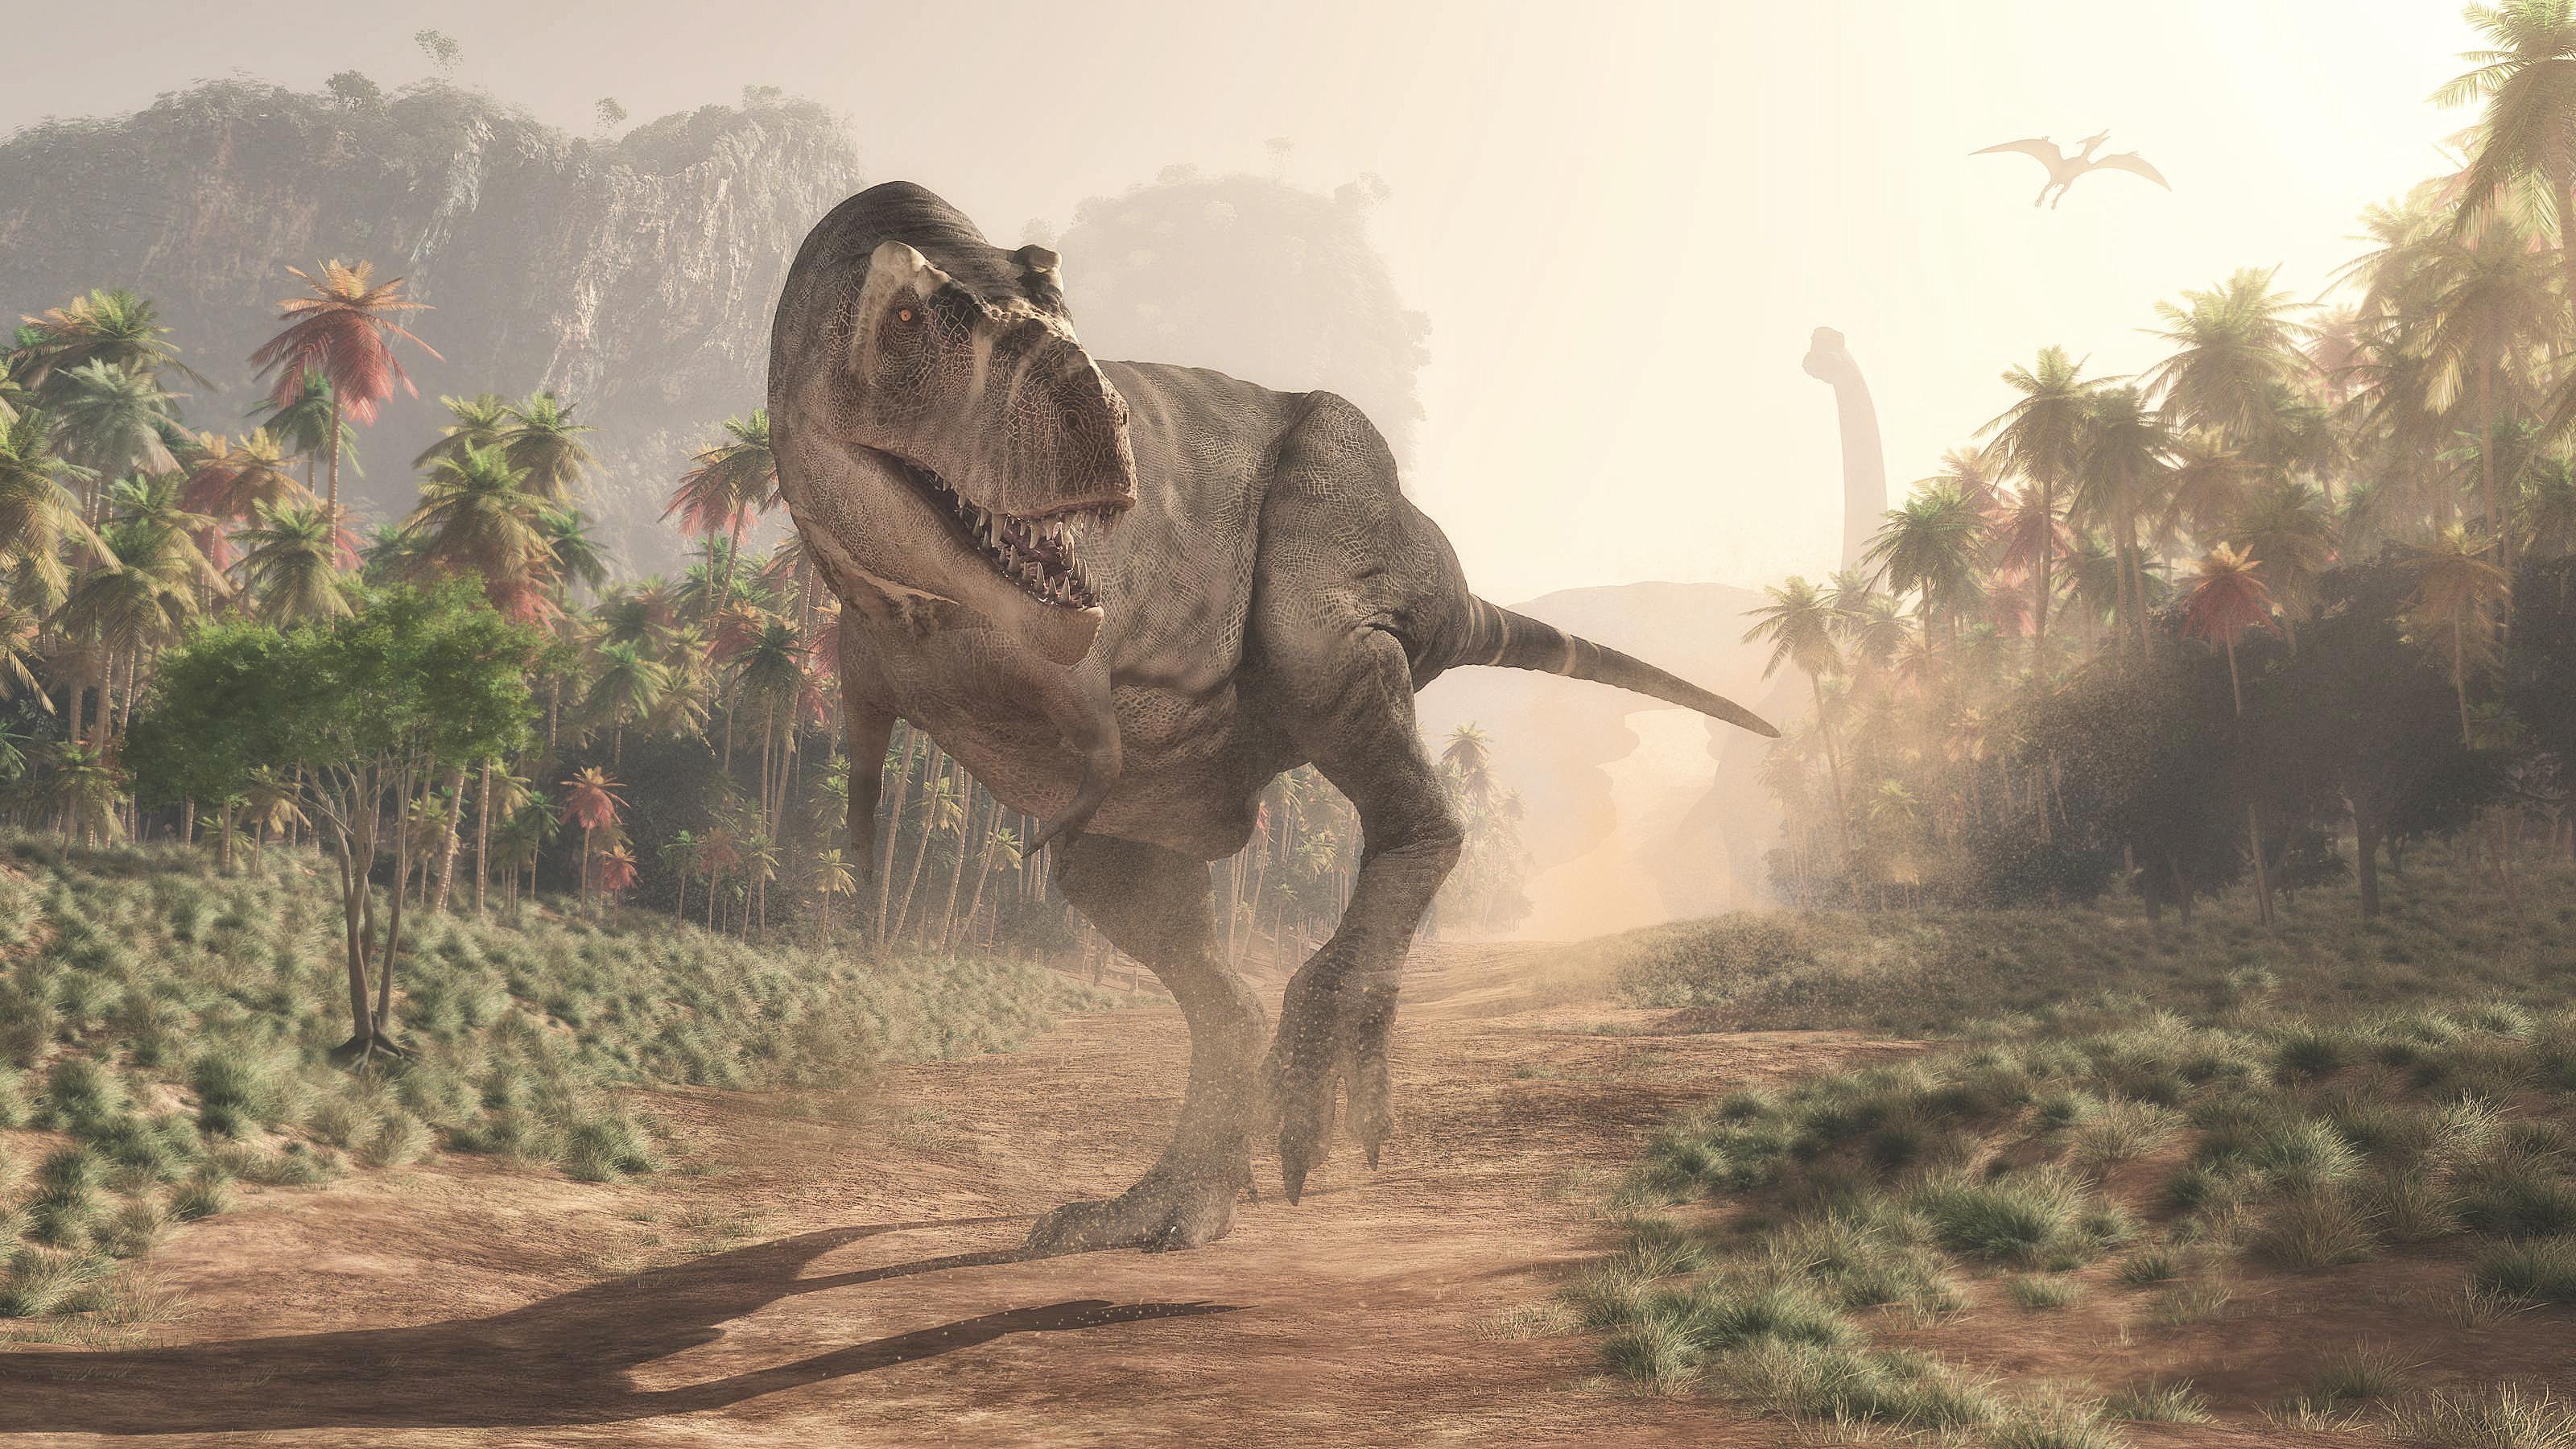 Палеонтологи насчитали два с половиной миллиарда когда-либо живших тираннозавров